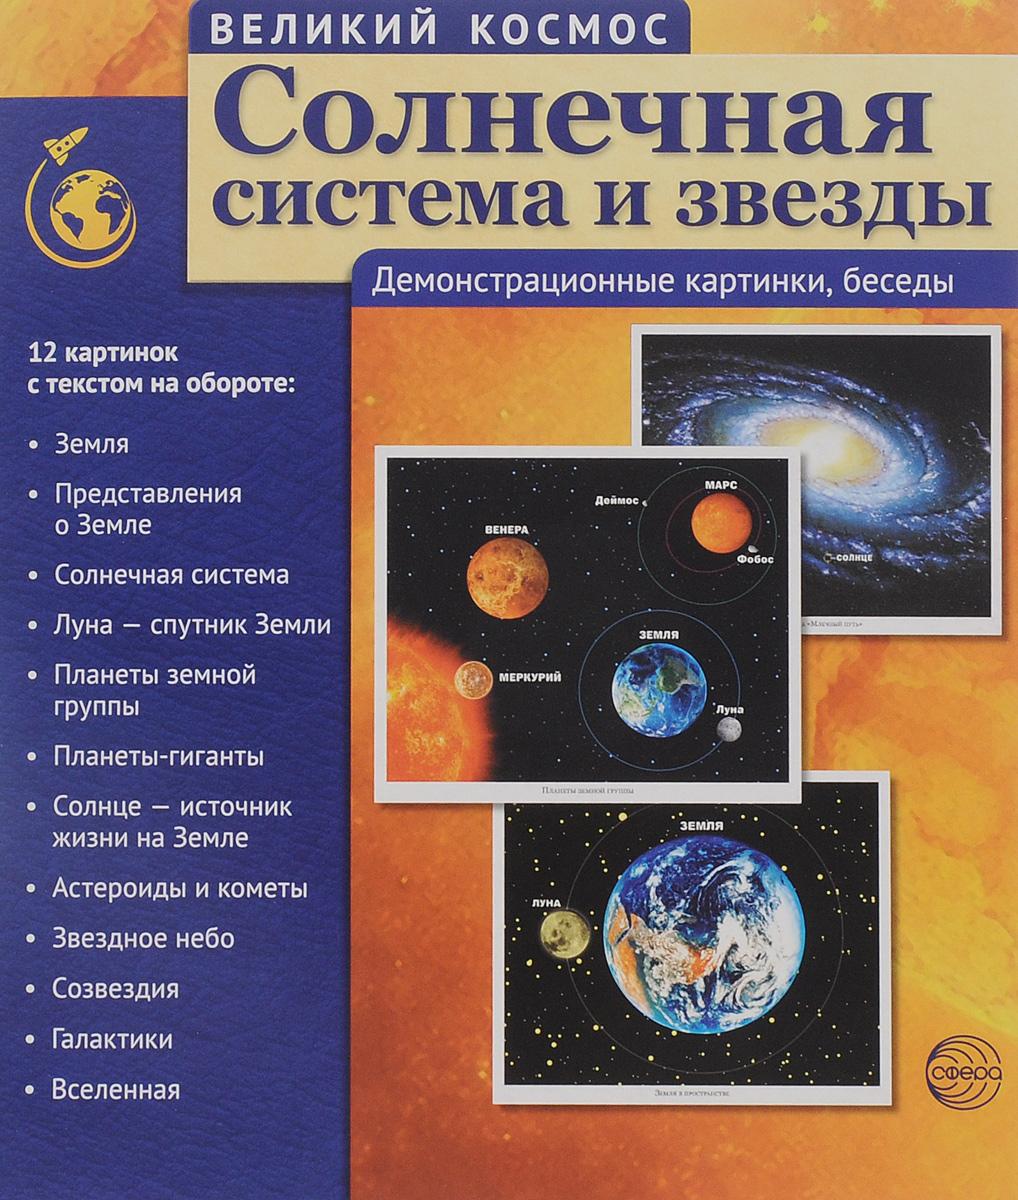 Великий Космос. Солнечная система и звезды. Демонстрационные картинки (набор из 12 карточек)